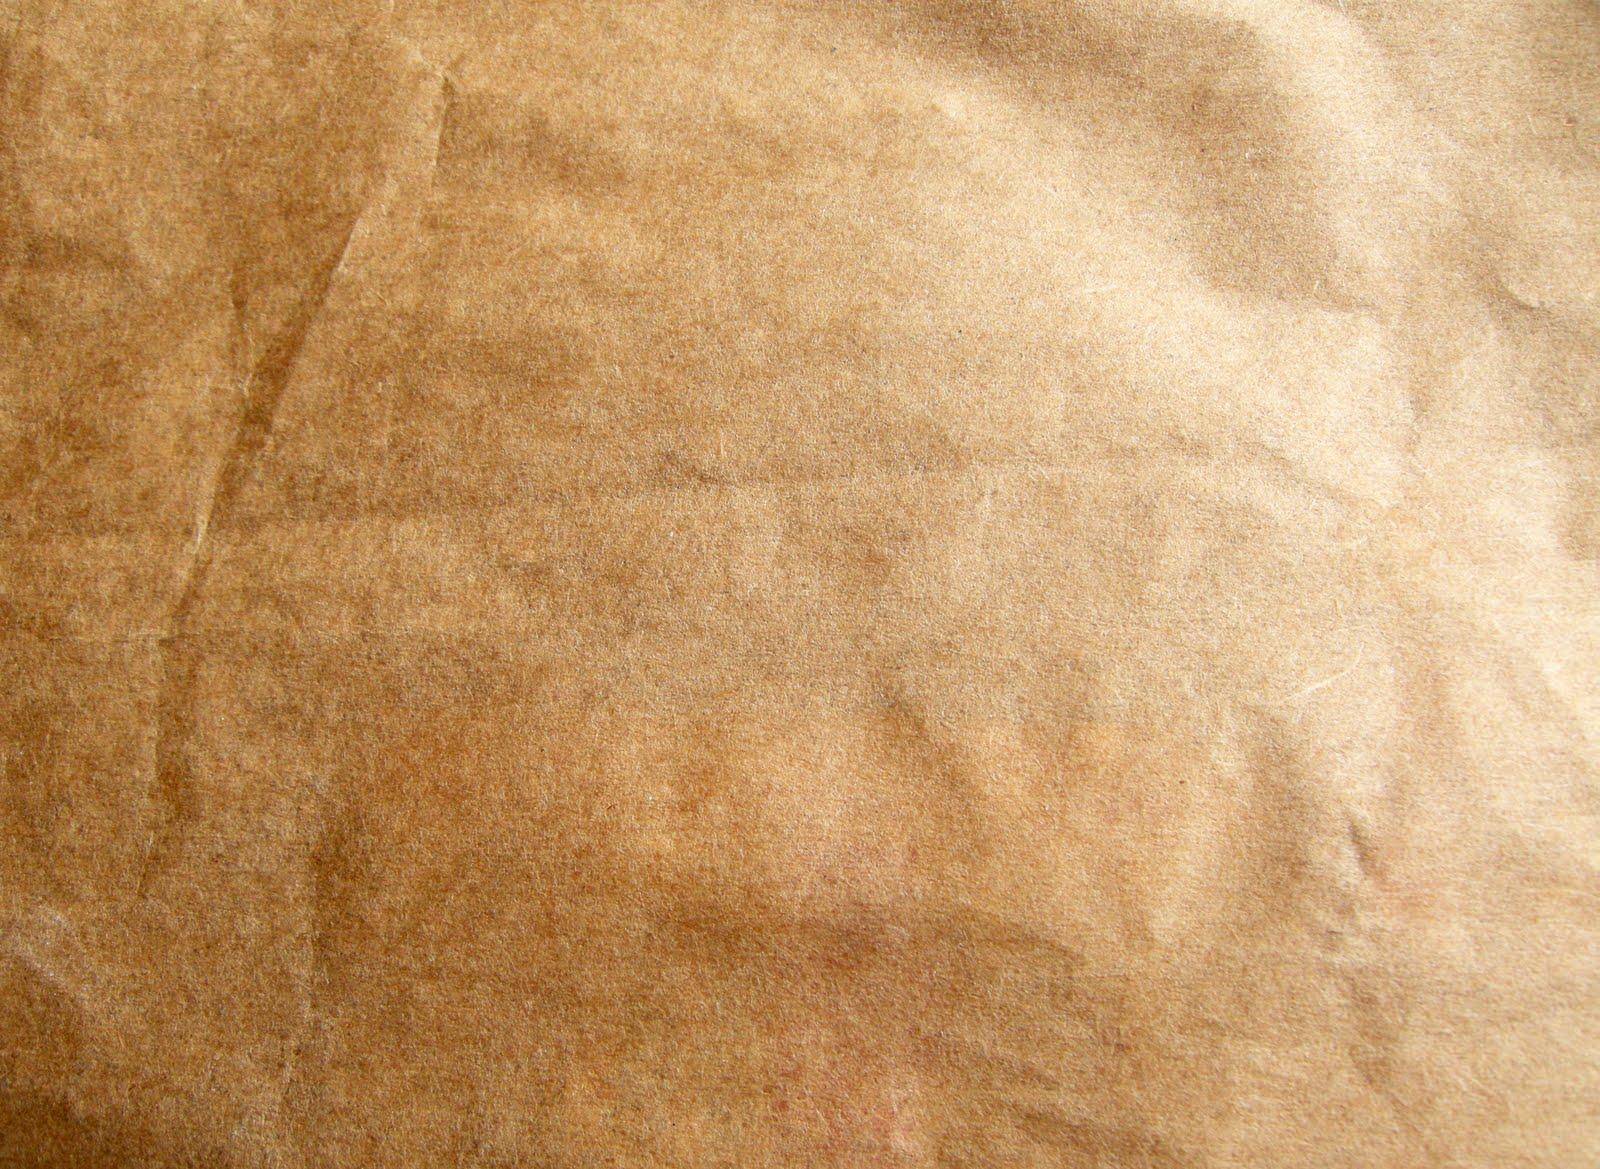 Brown Paper Bags as Wallpaper - WallpaperSafari White Paper Bag Texture